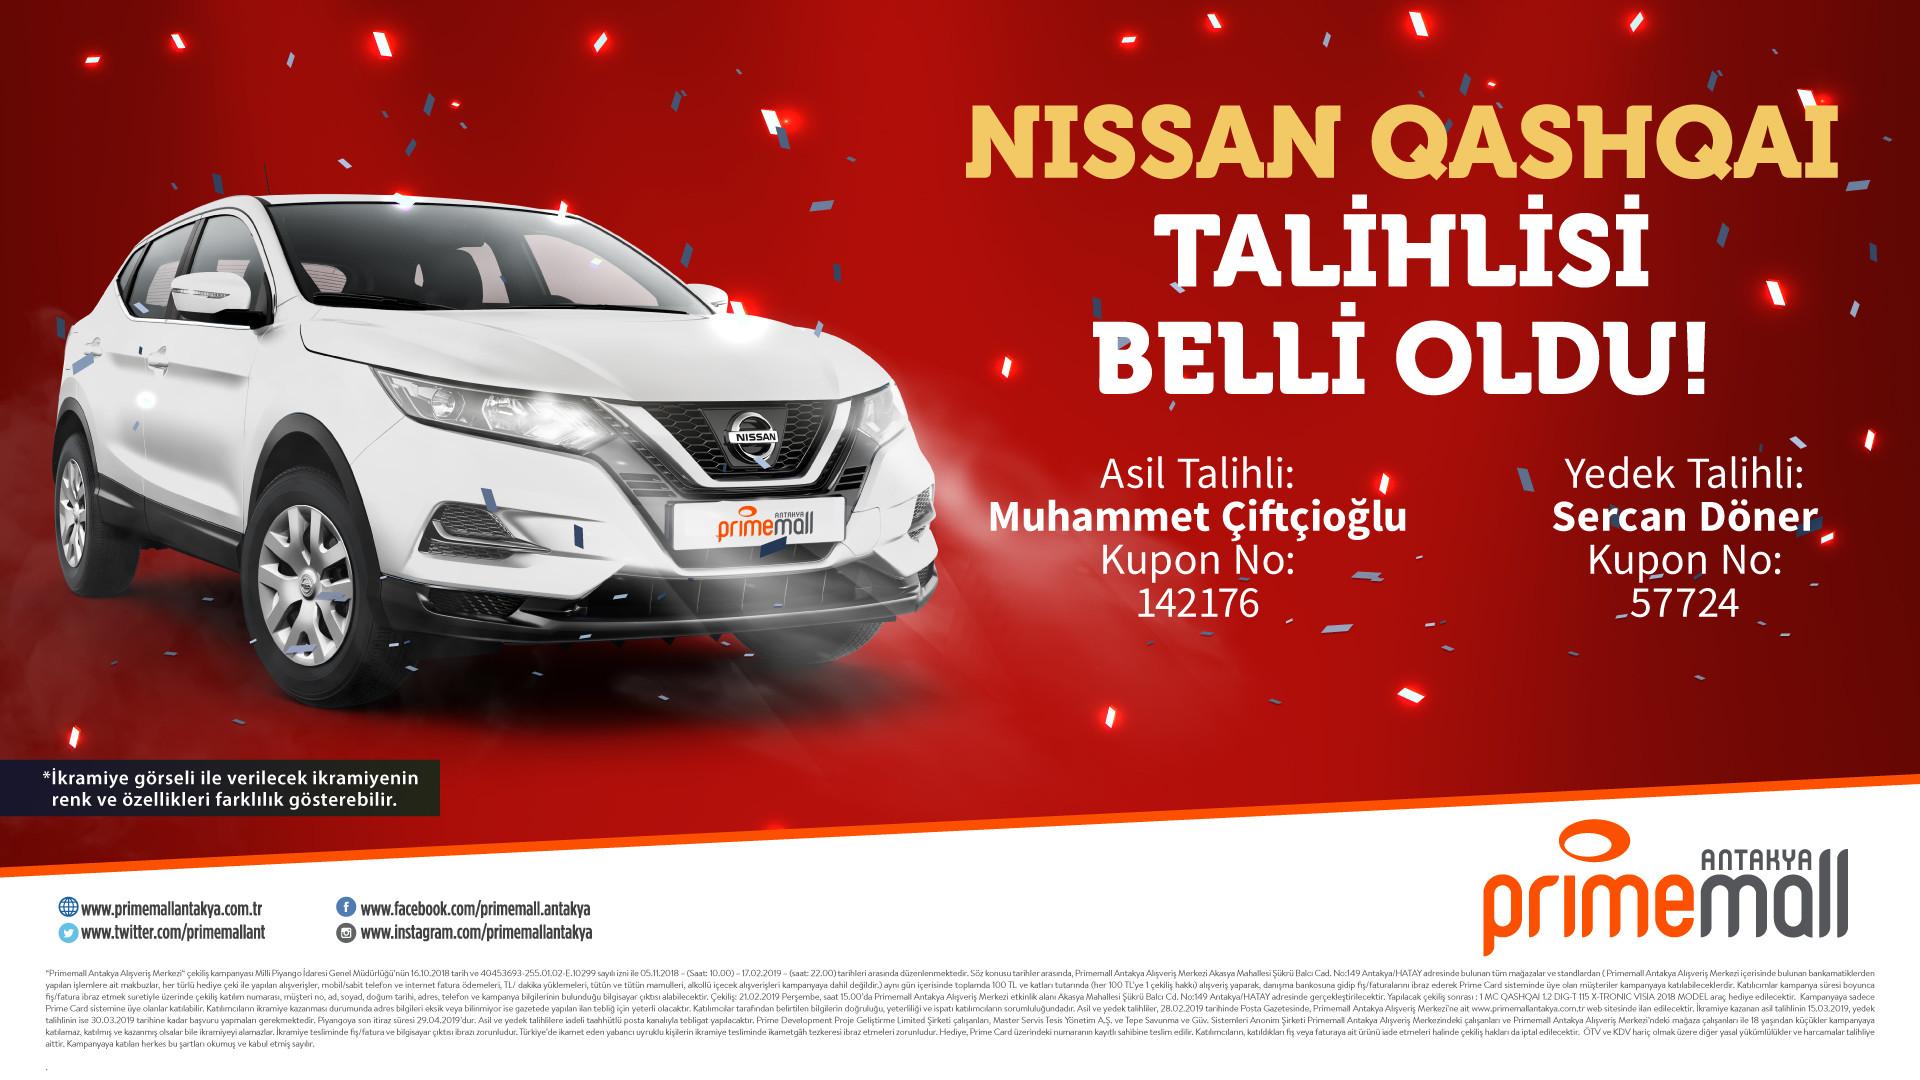 Nissan Qashqai Talihlisi Belli Oldu